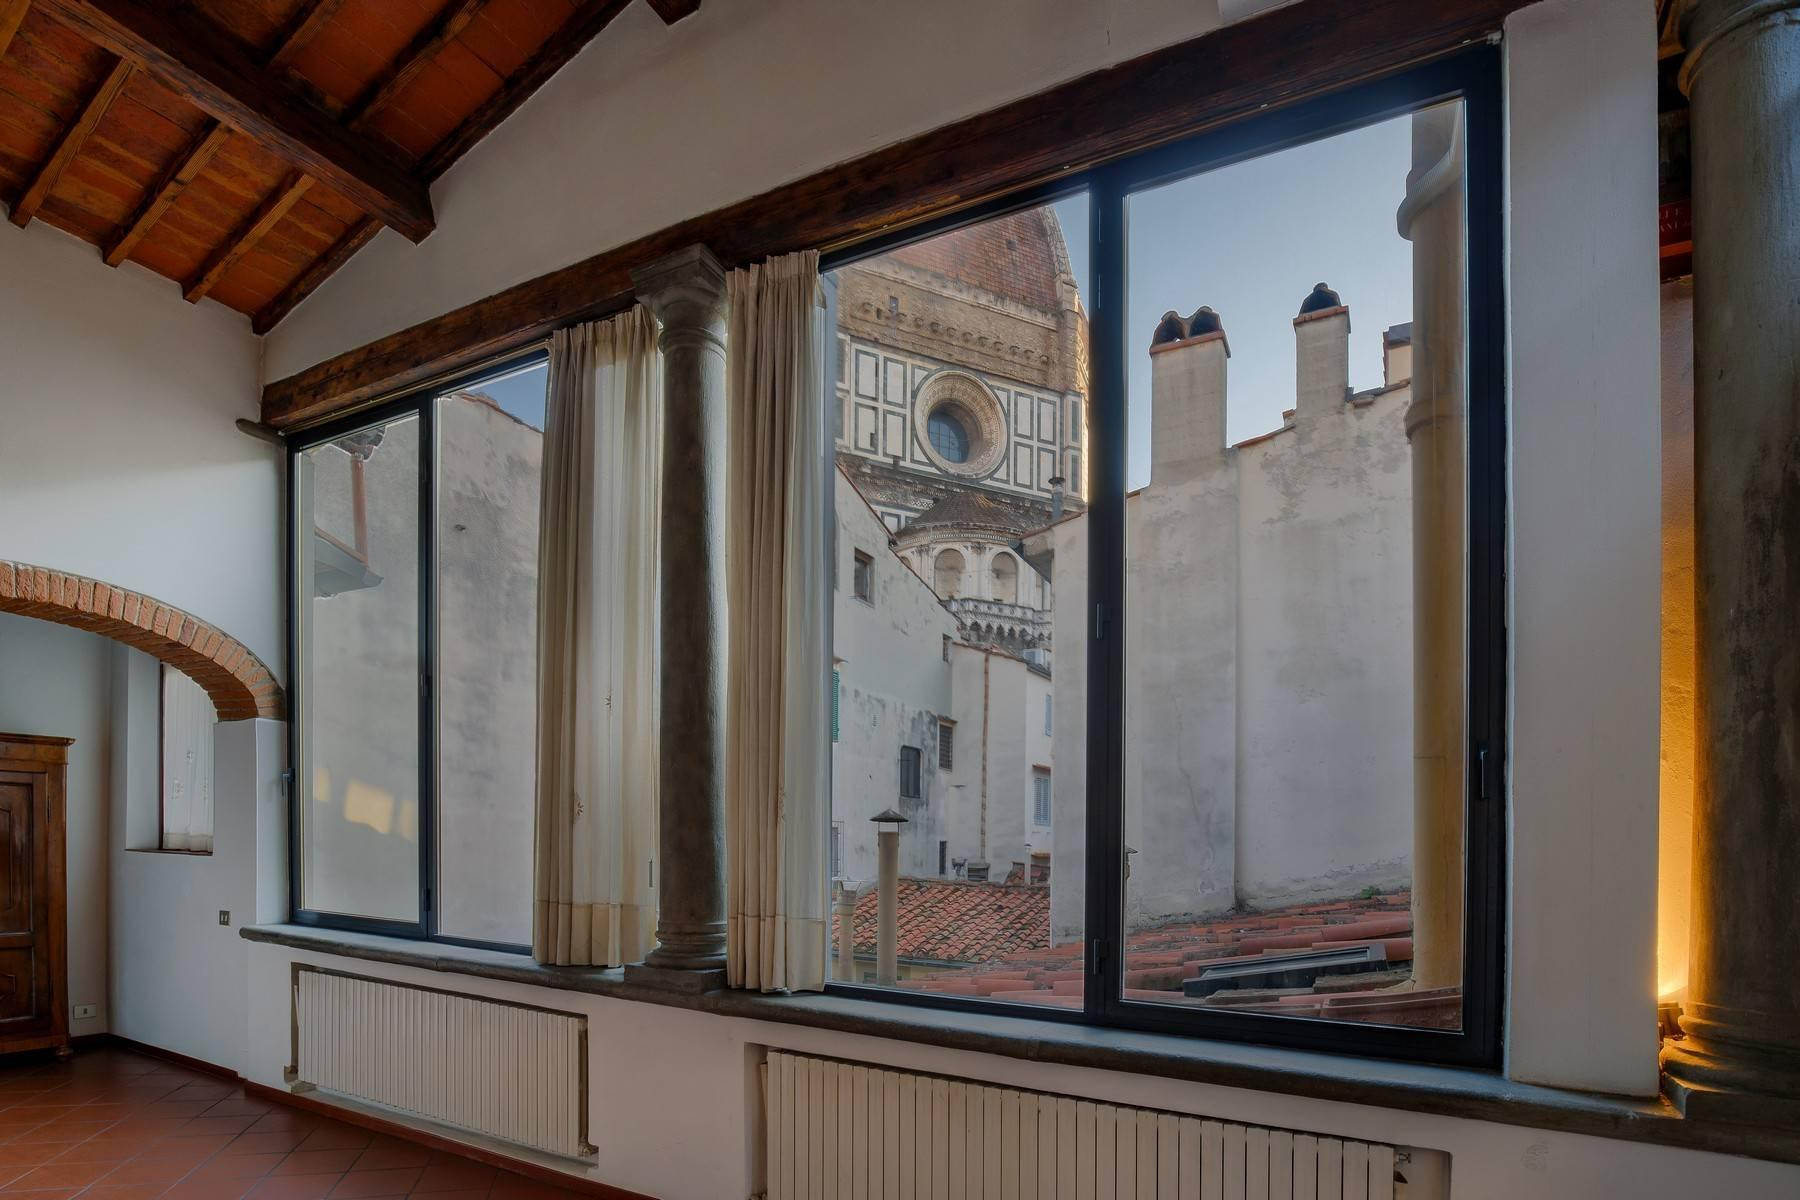 Attico con vista monumentale sul Duomo - 5